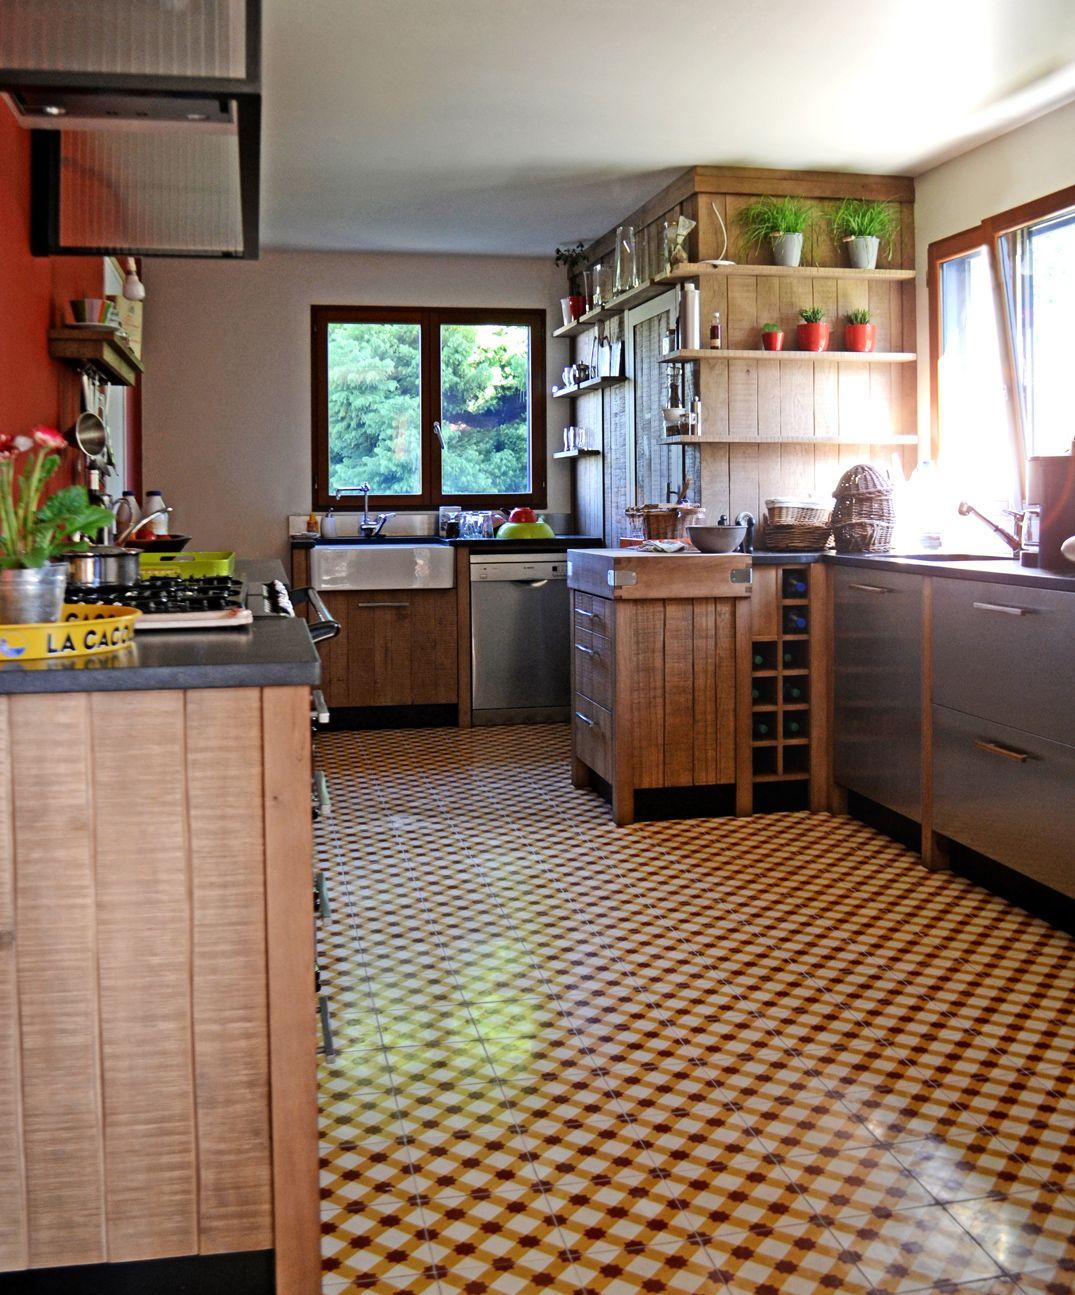 Un Chaleureux Atelier Culinaire Cuisine Ch Ne Massif